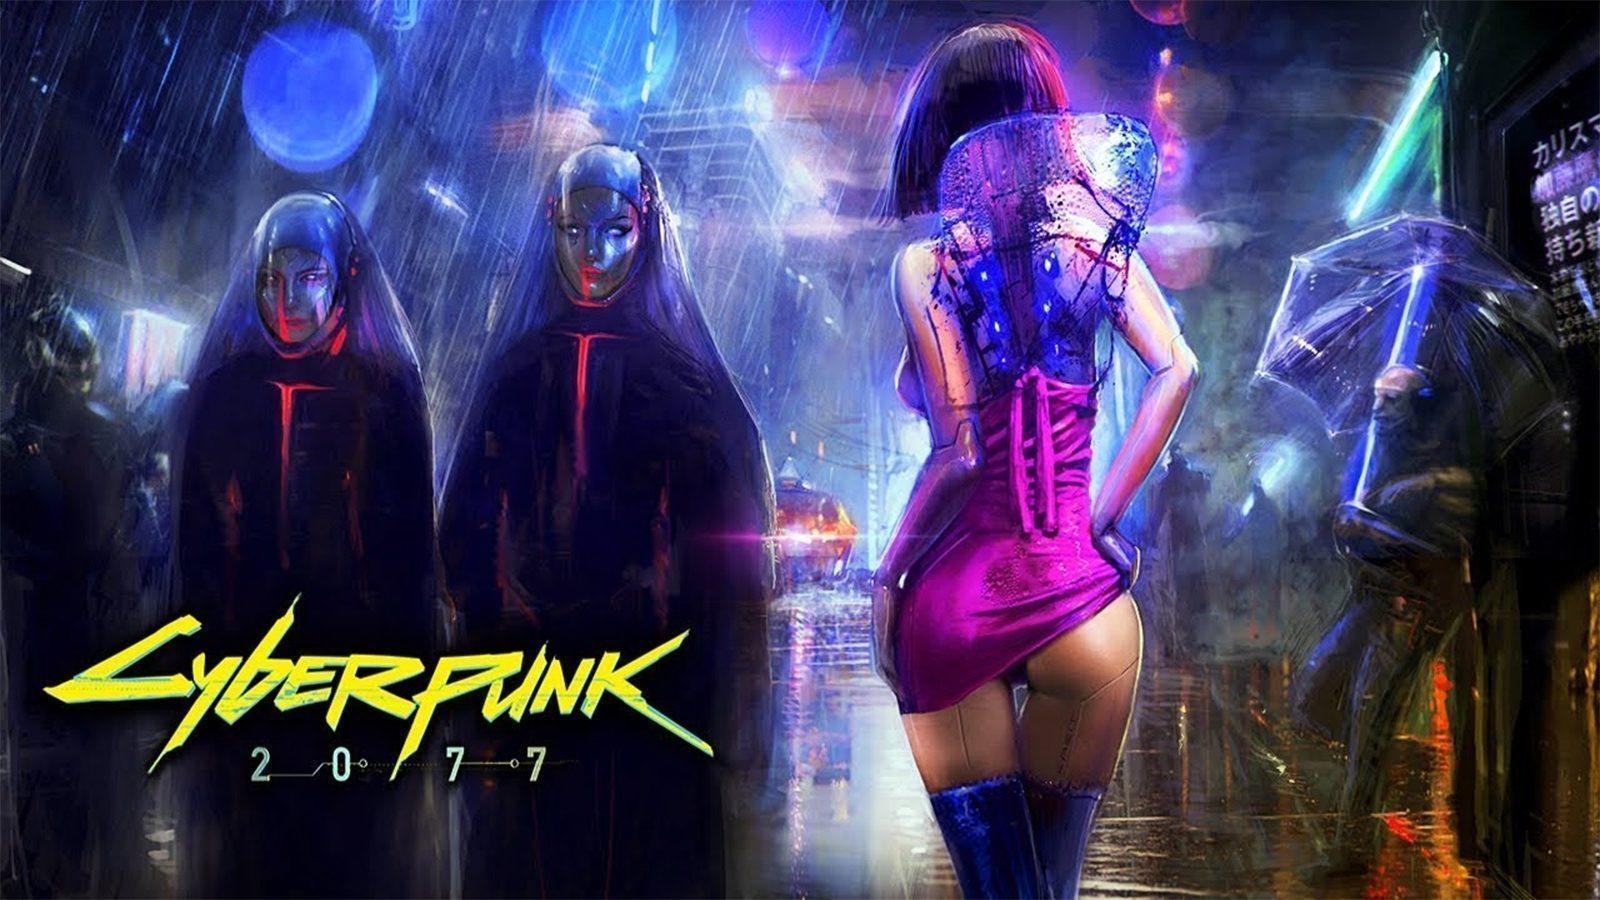 Спидраннеры уже бьют рекорды по «секс-прохождению» Cyberpunk 2077